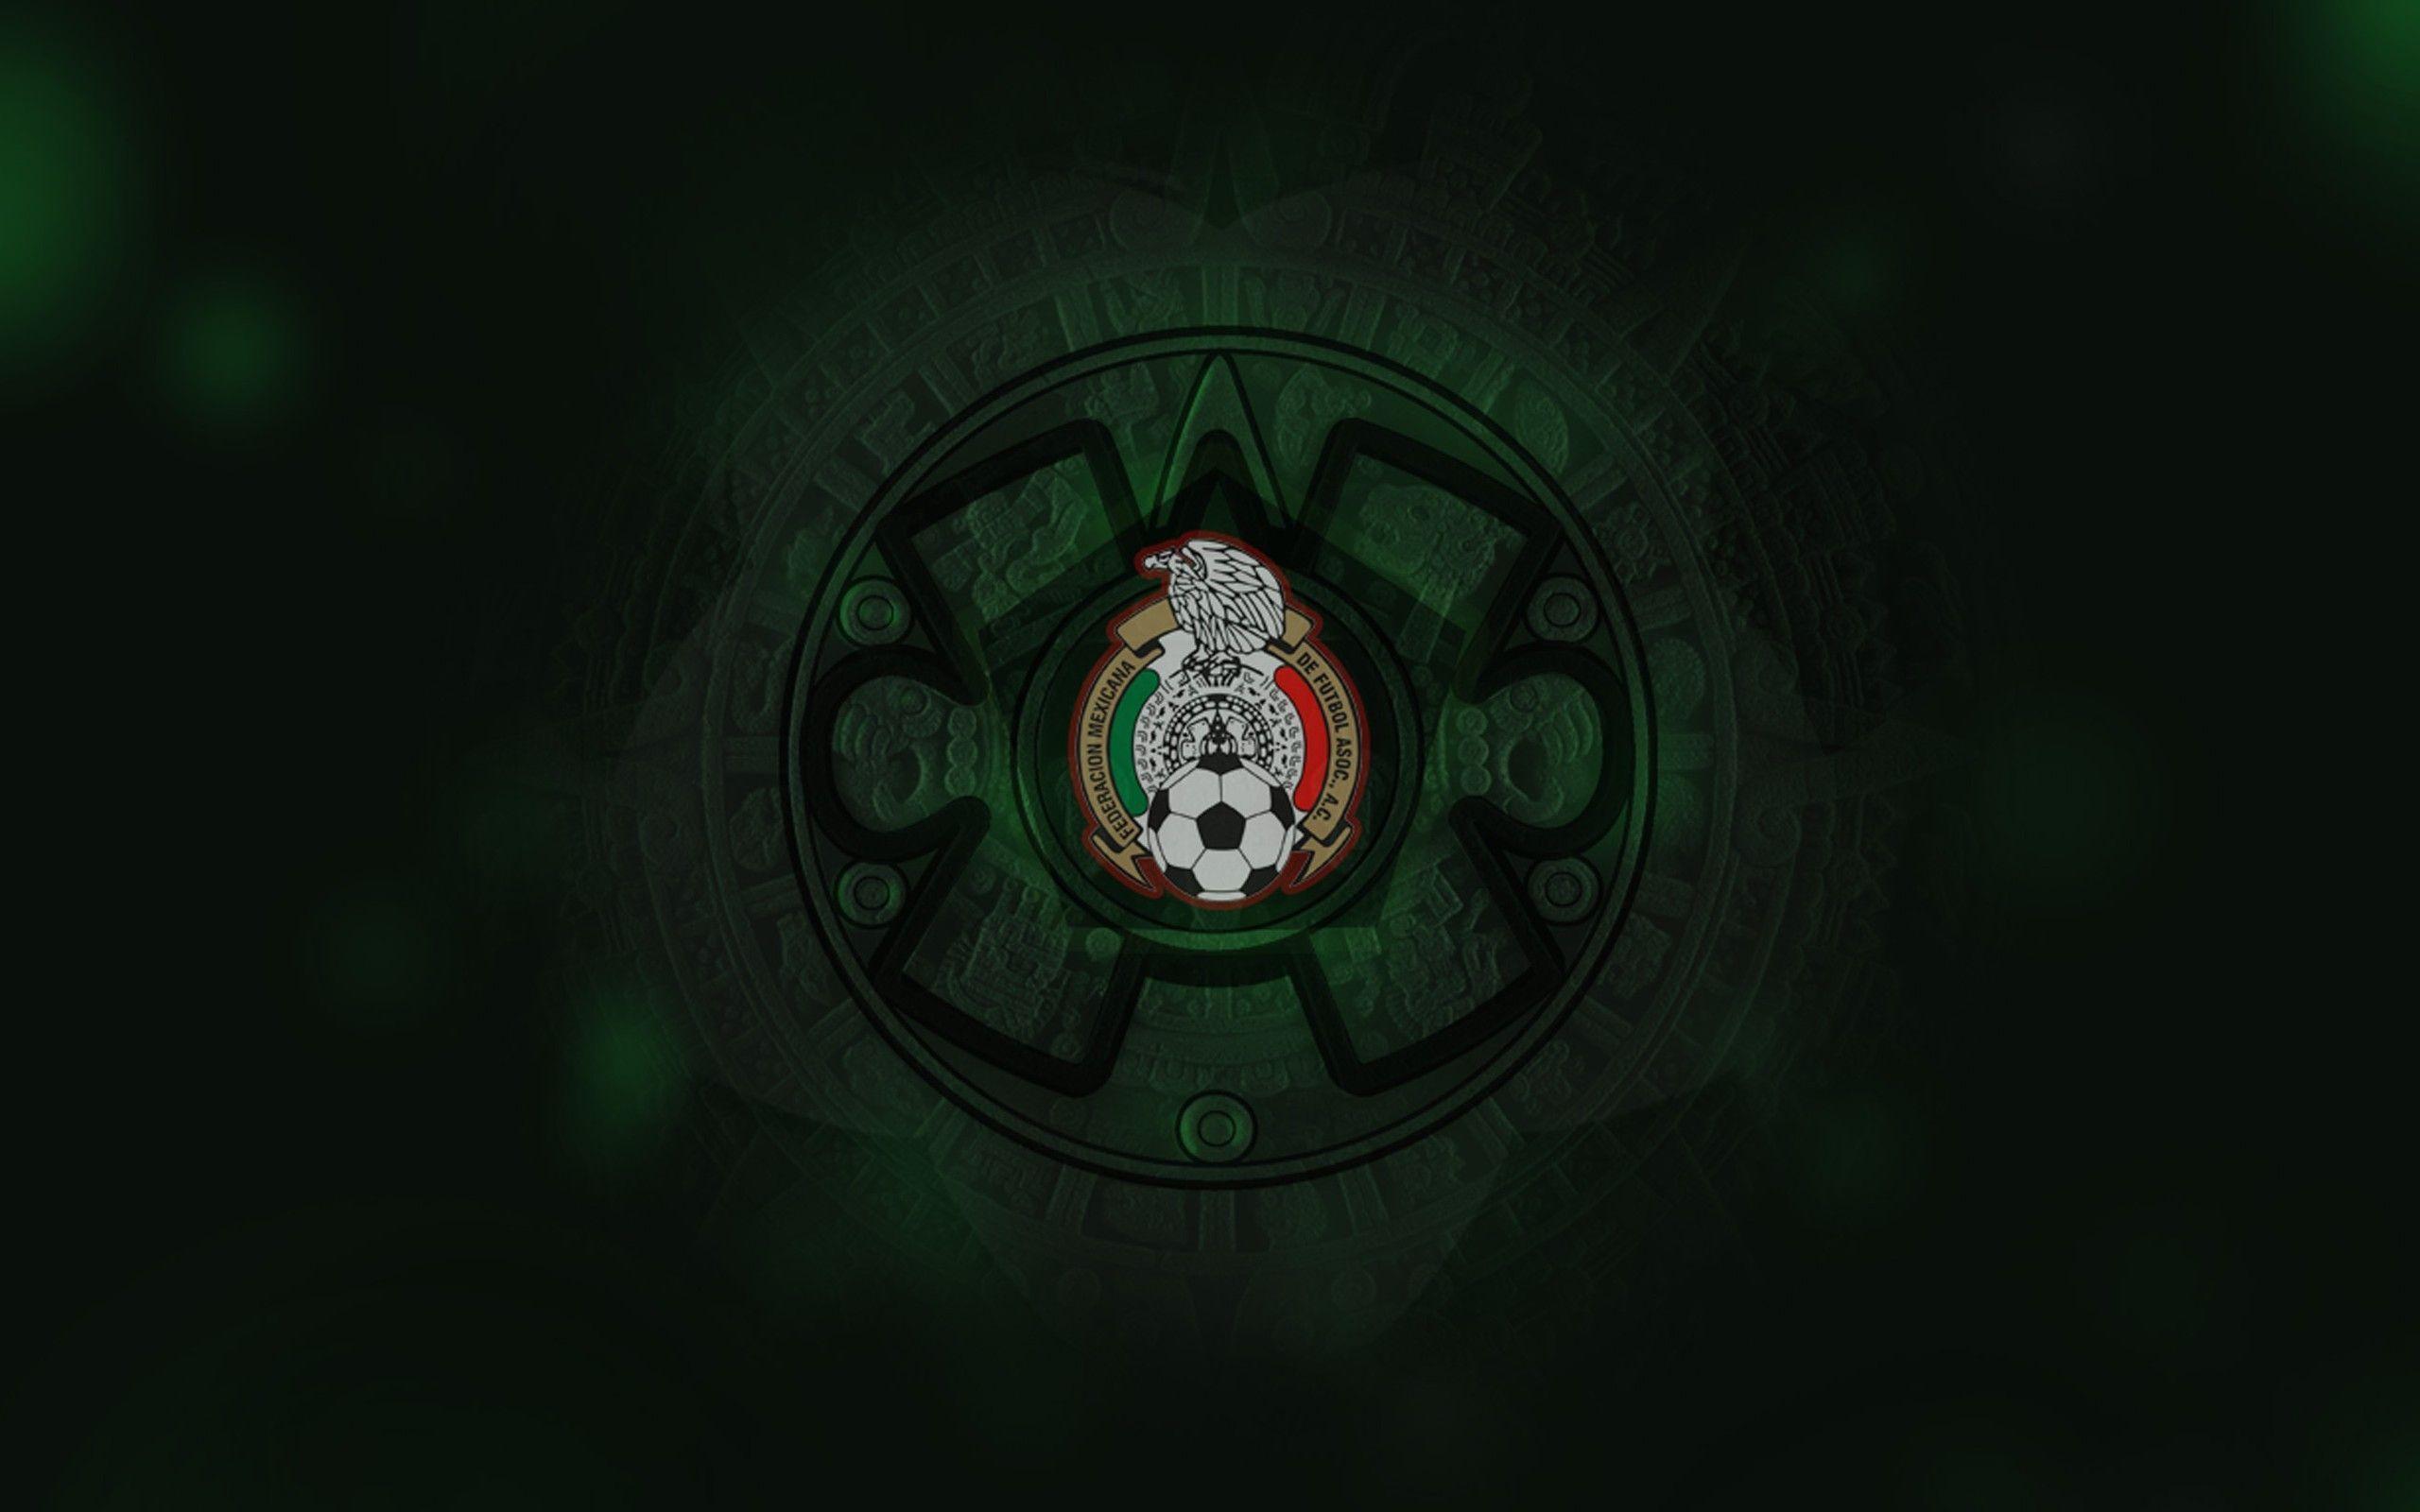 mexico futbol 2015 wallpapers wallpaper cave